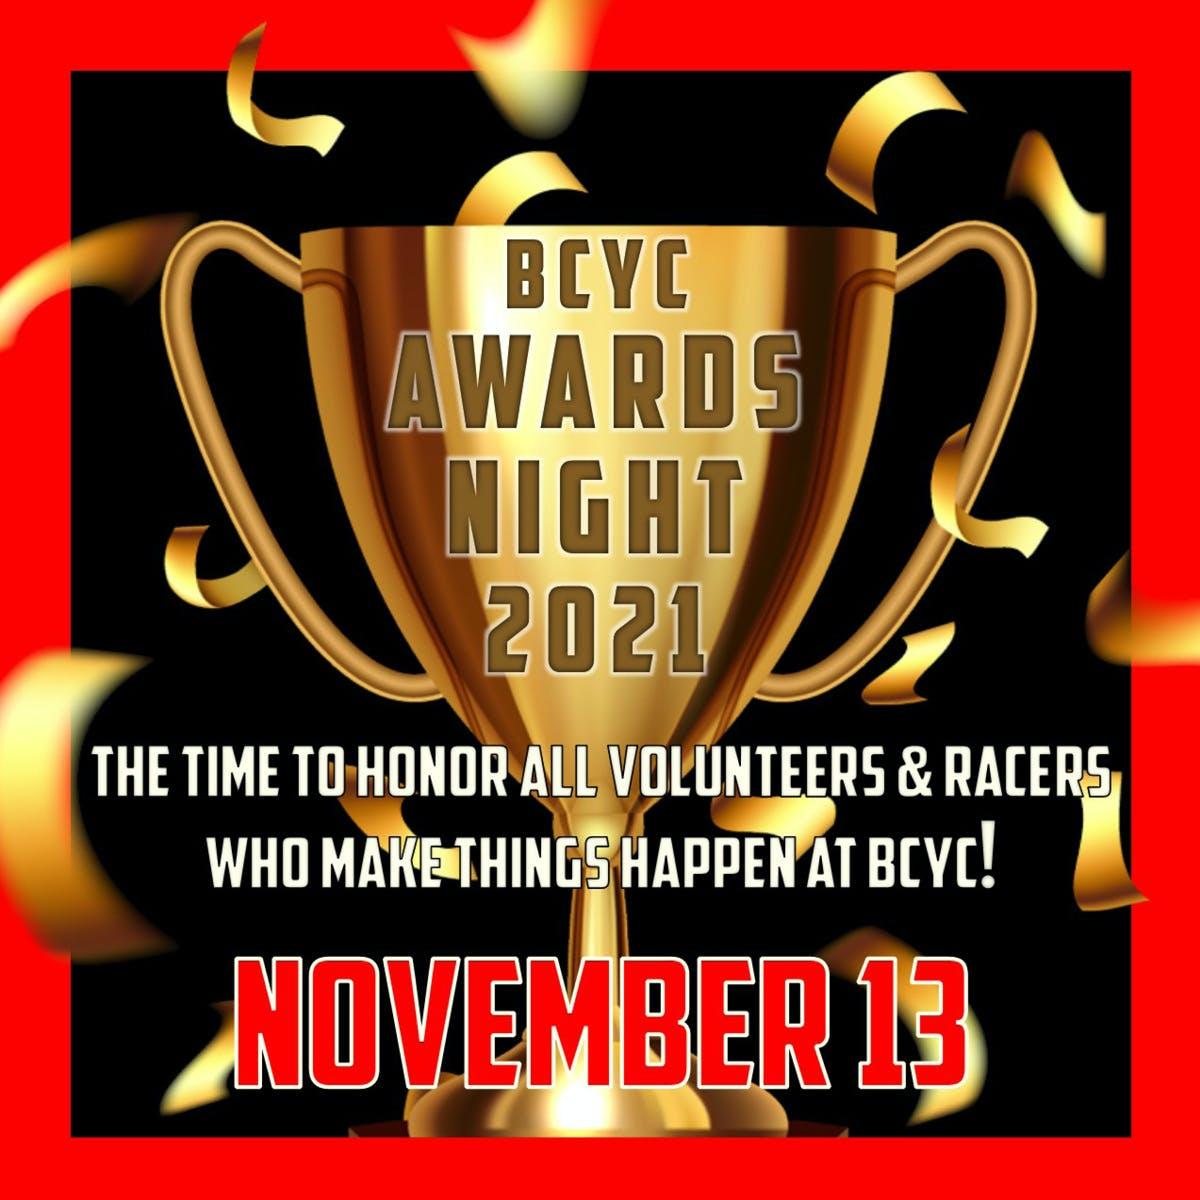 Awards Night 2021